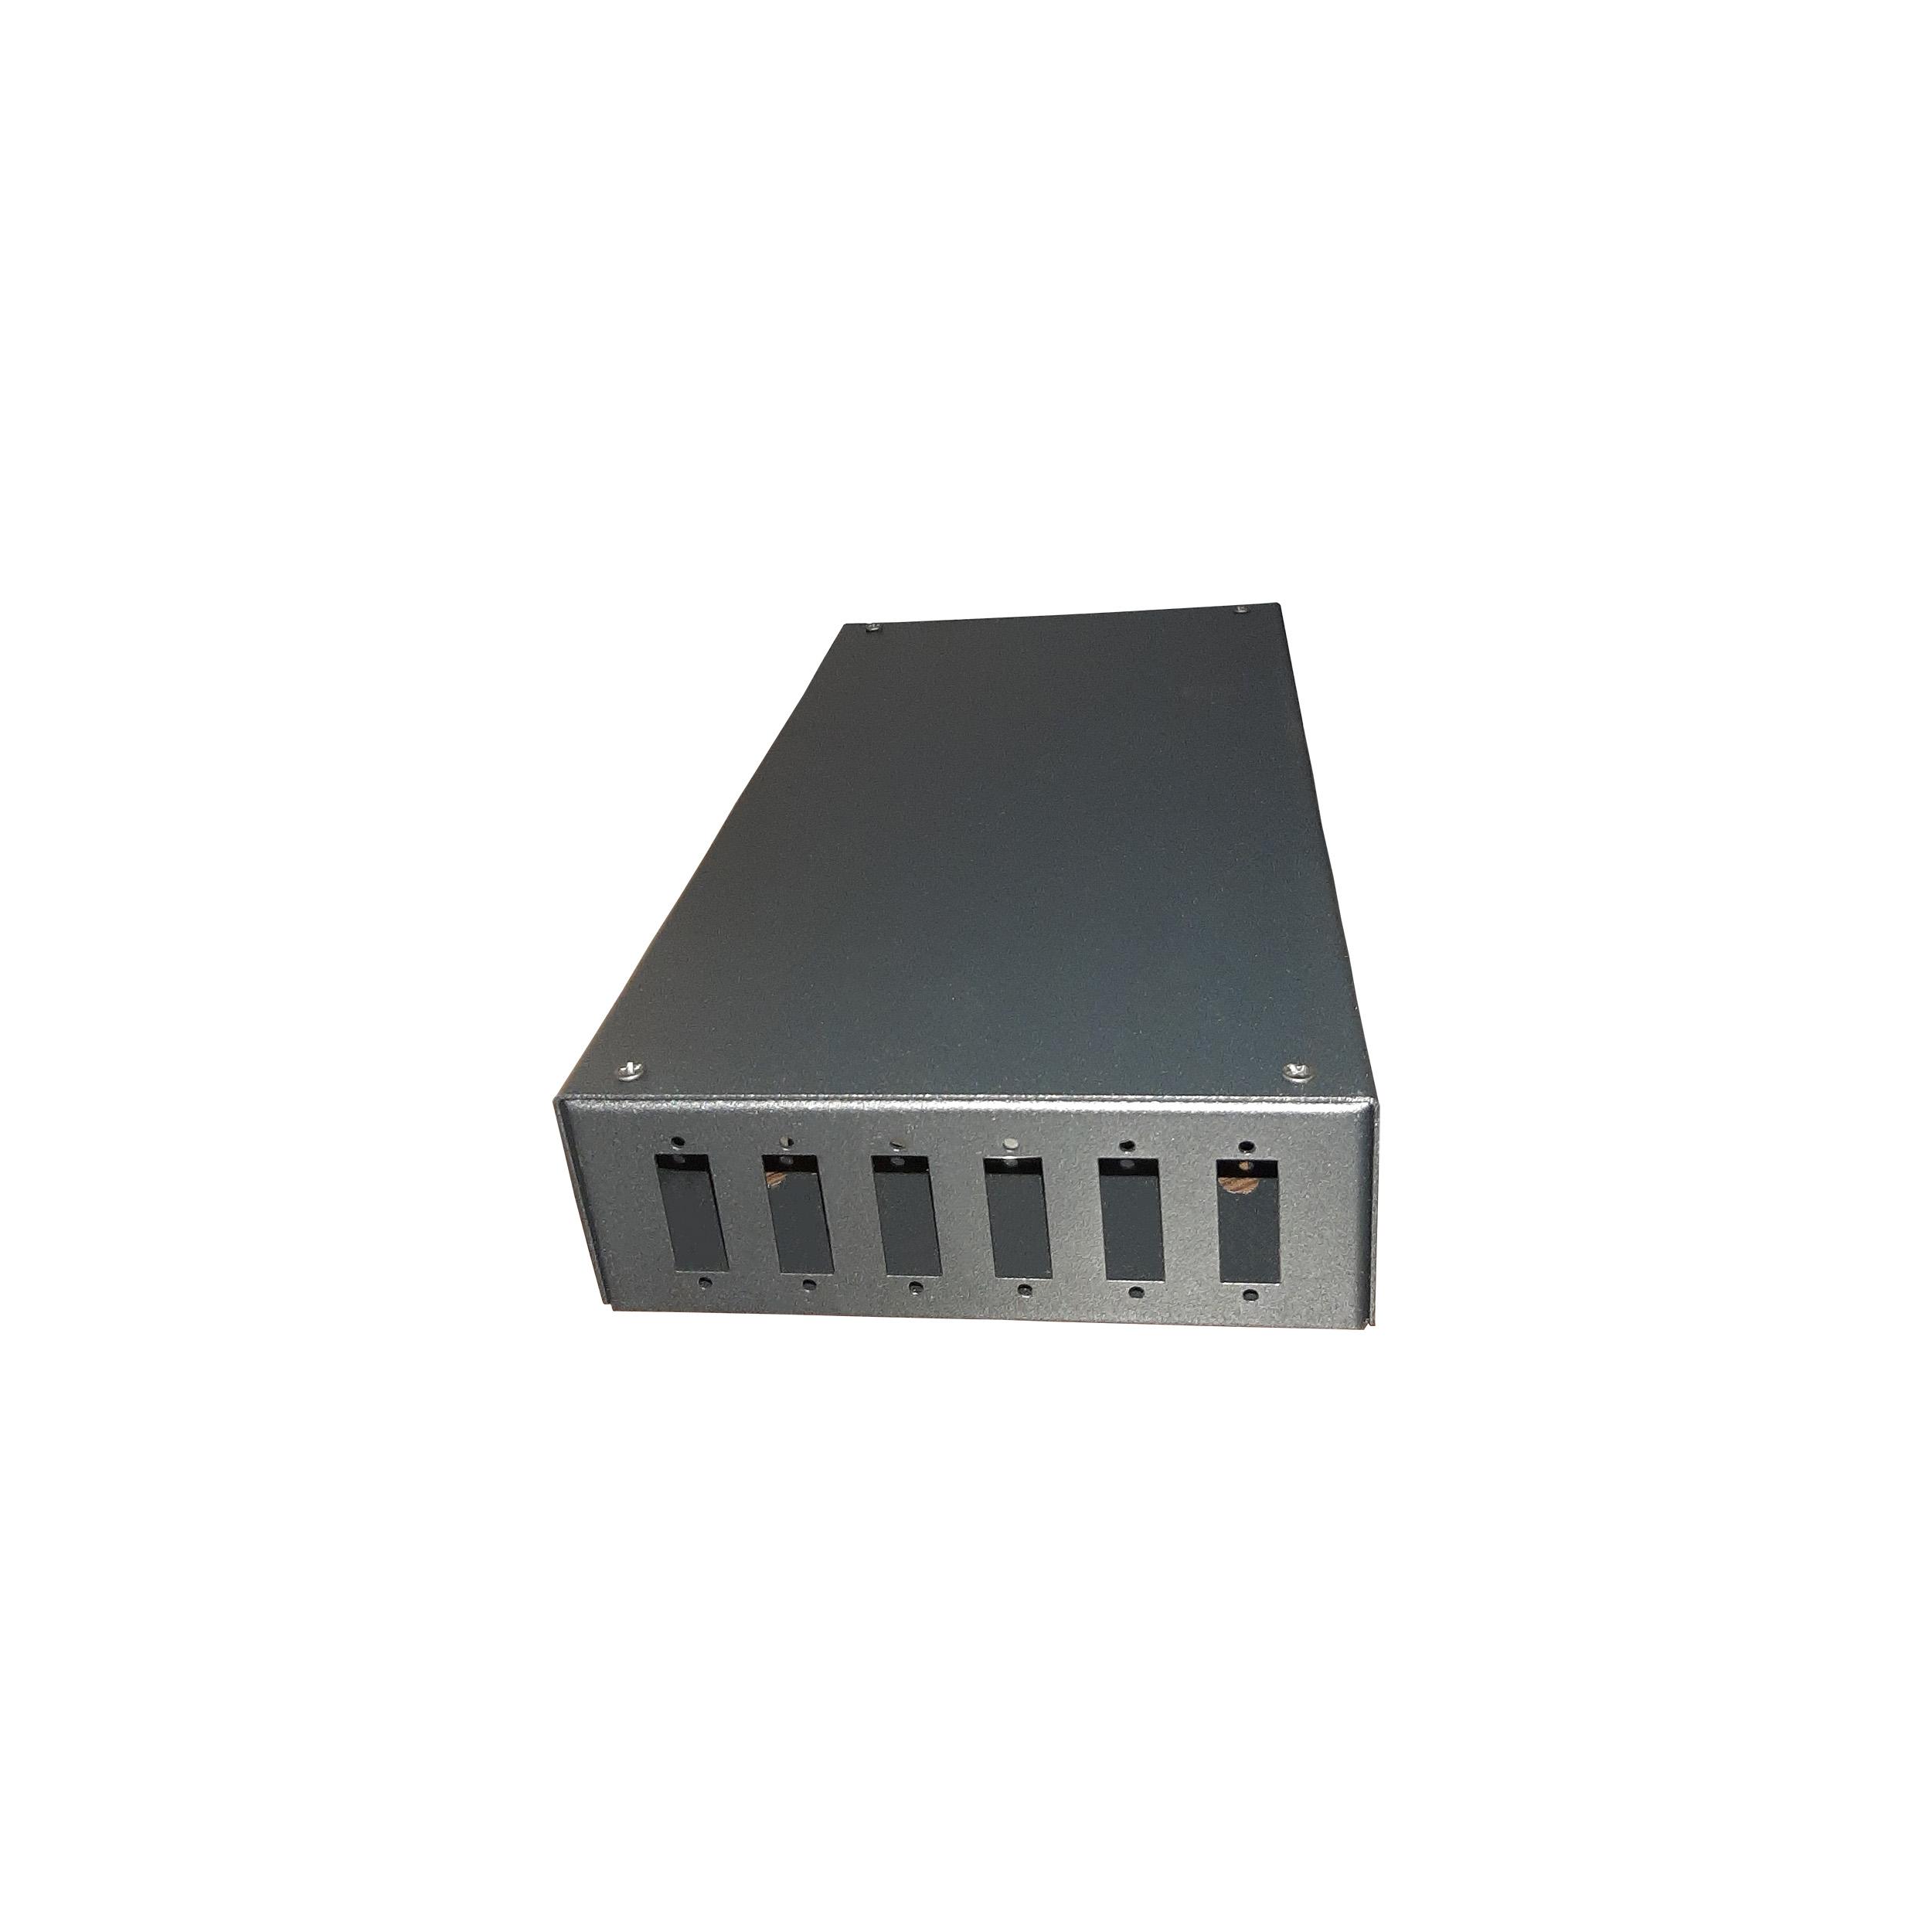 بررسی و خرید [با تخفیف]                                     پچ پنل 6 پورت مدل WPP6P.SC.VER.B.sim                             اورجینال